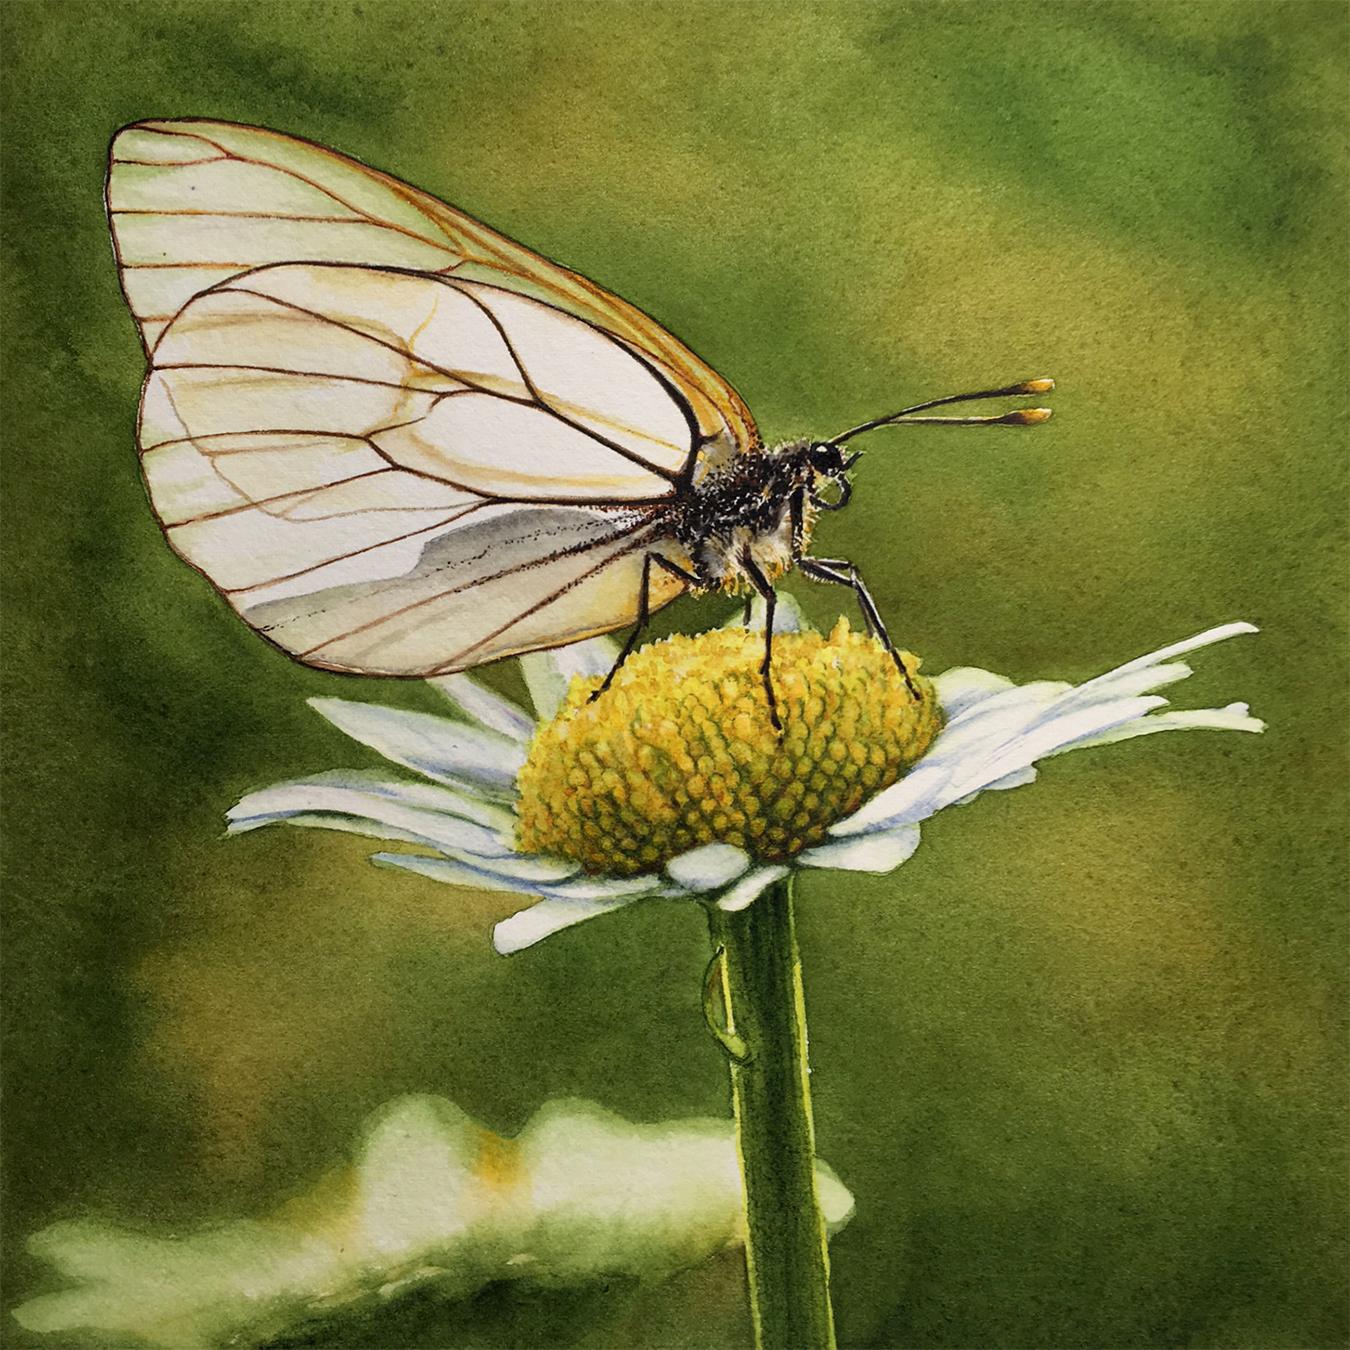 Debbie Bakker_Butterfly 1.jpg